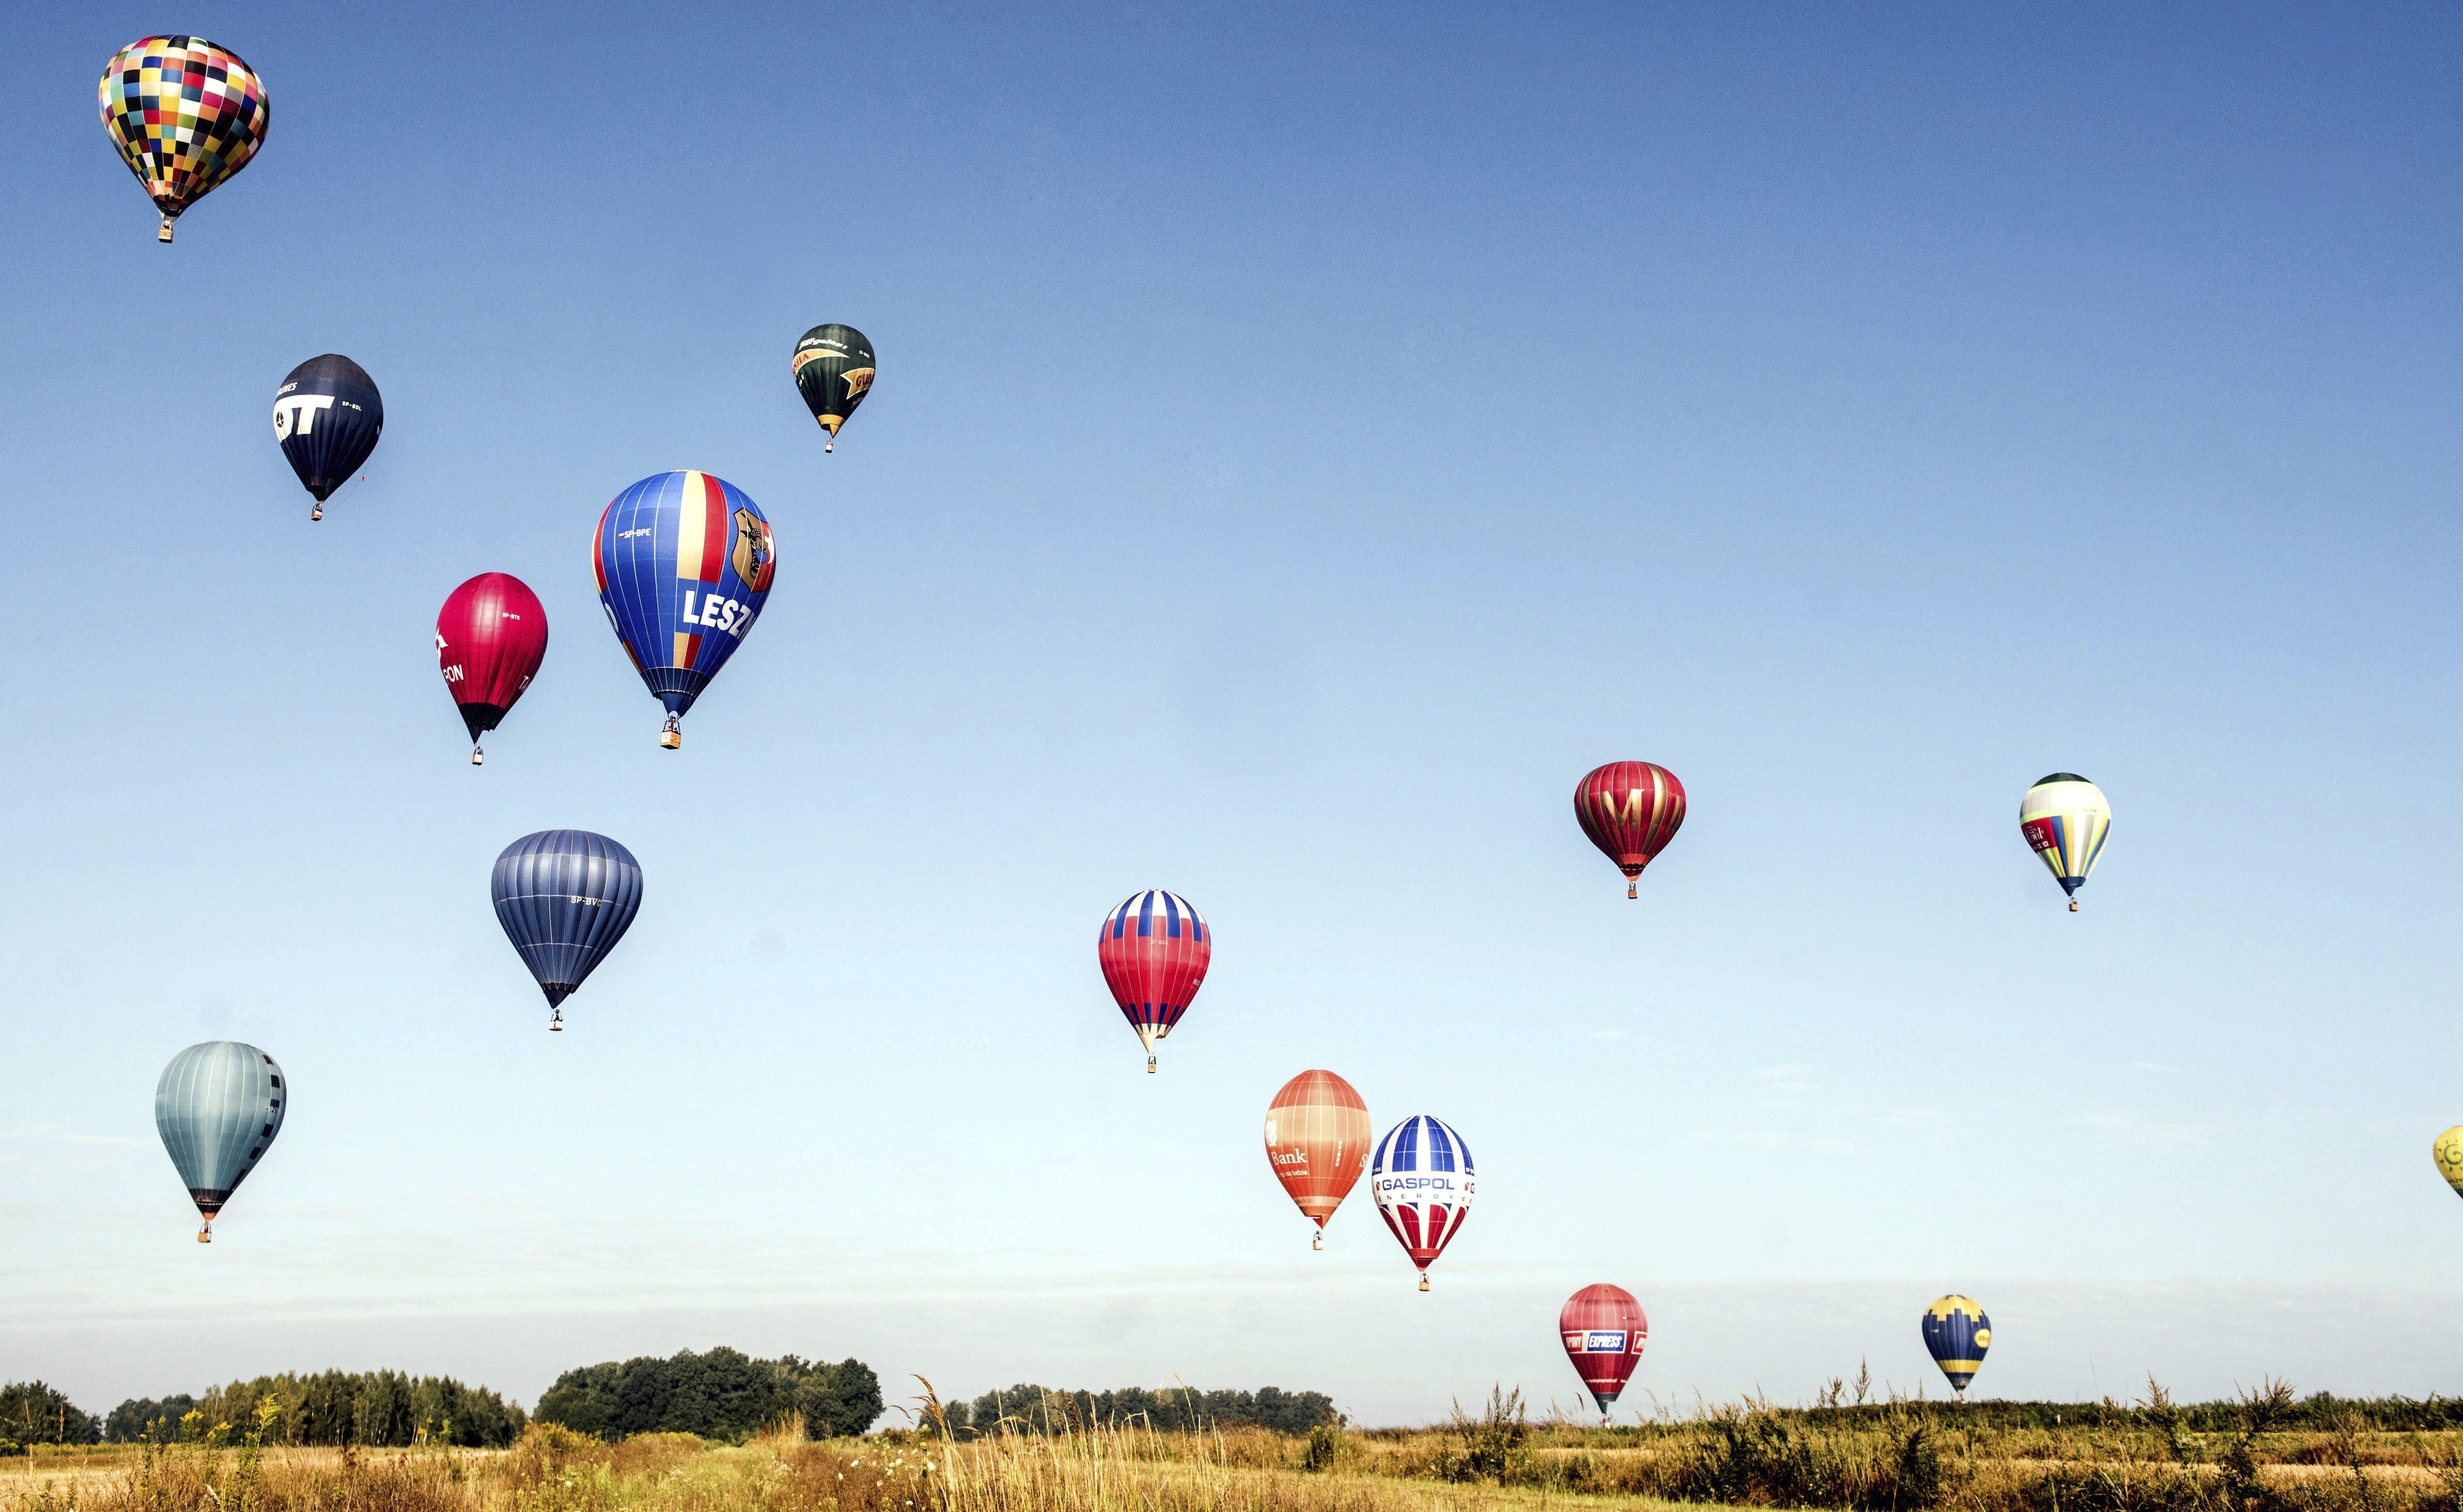 Globus aerostàtics s'enlairen durant una competició a Naleczow (Polònia). /TOMASR KORYSZKO